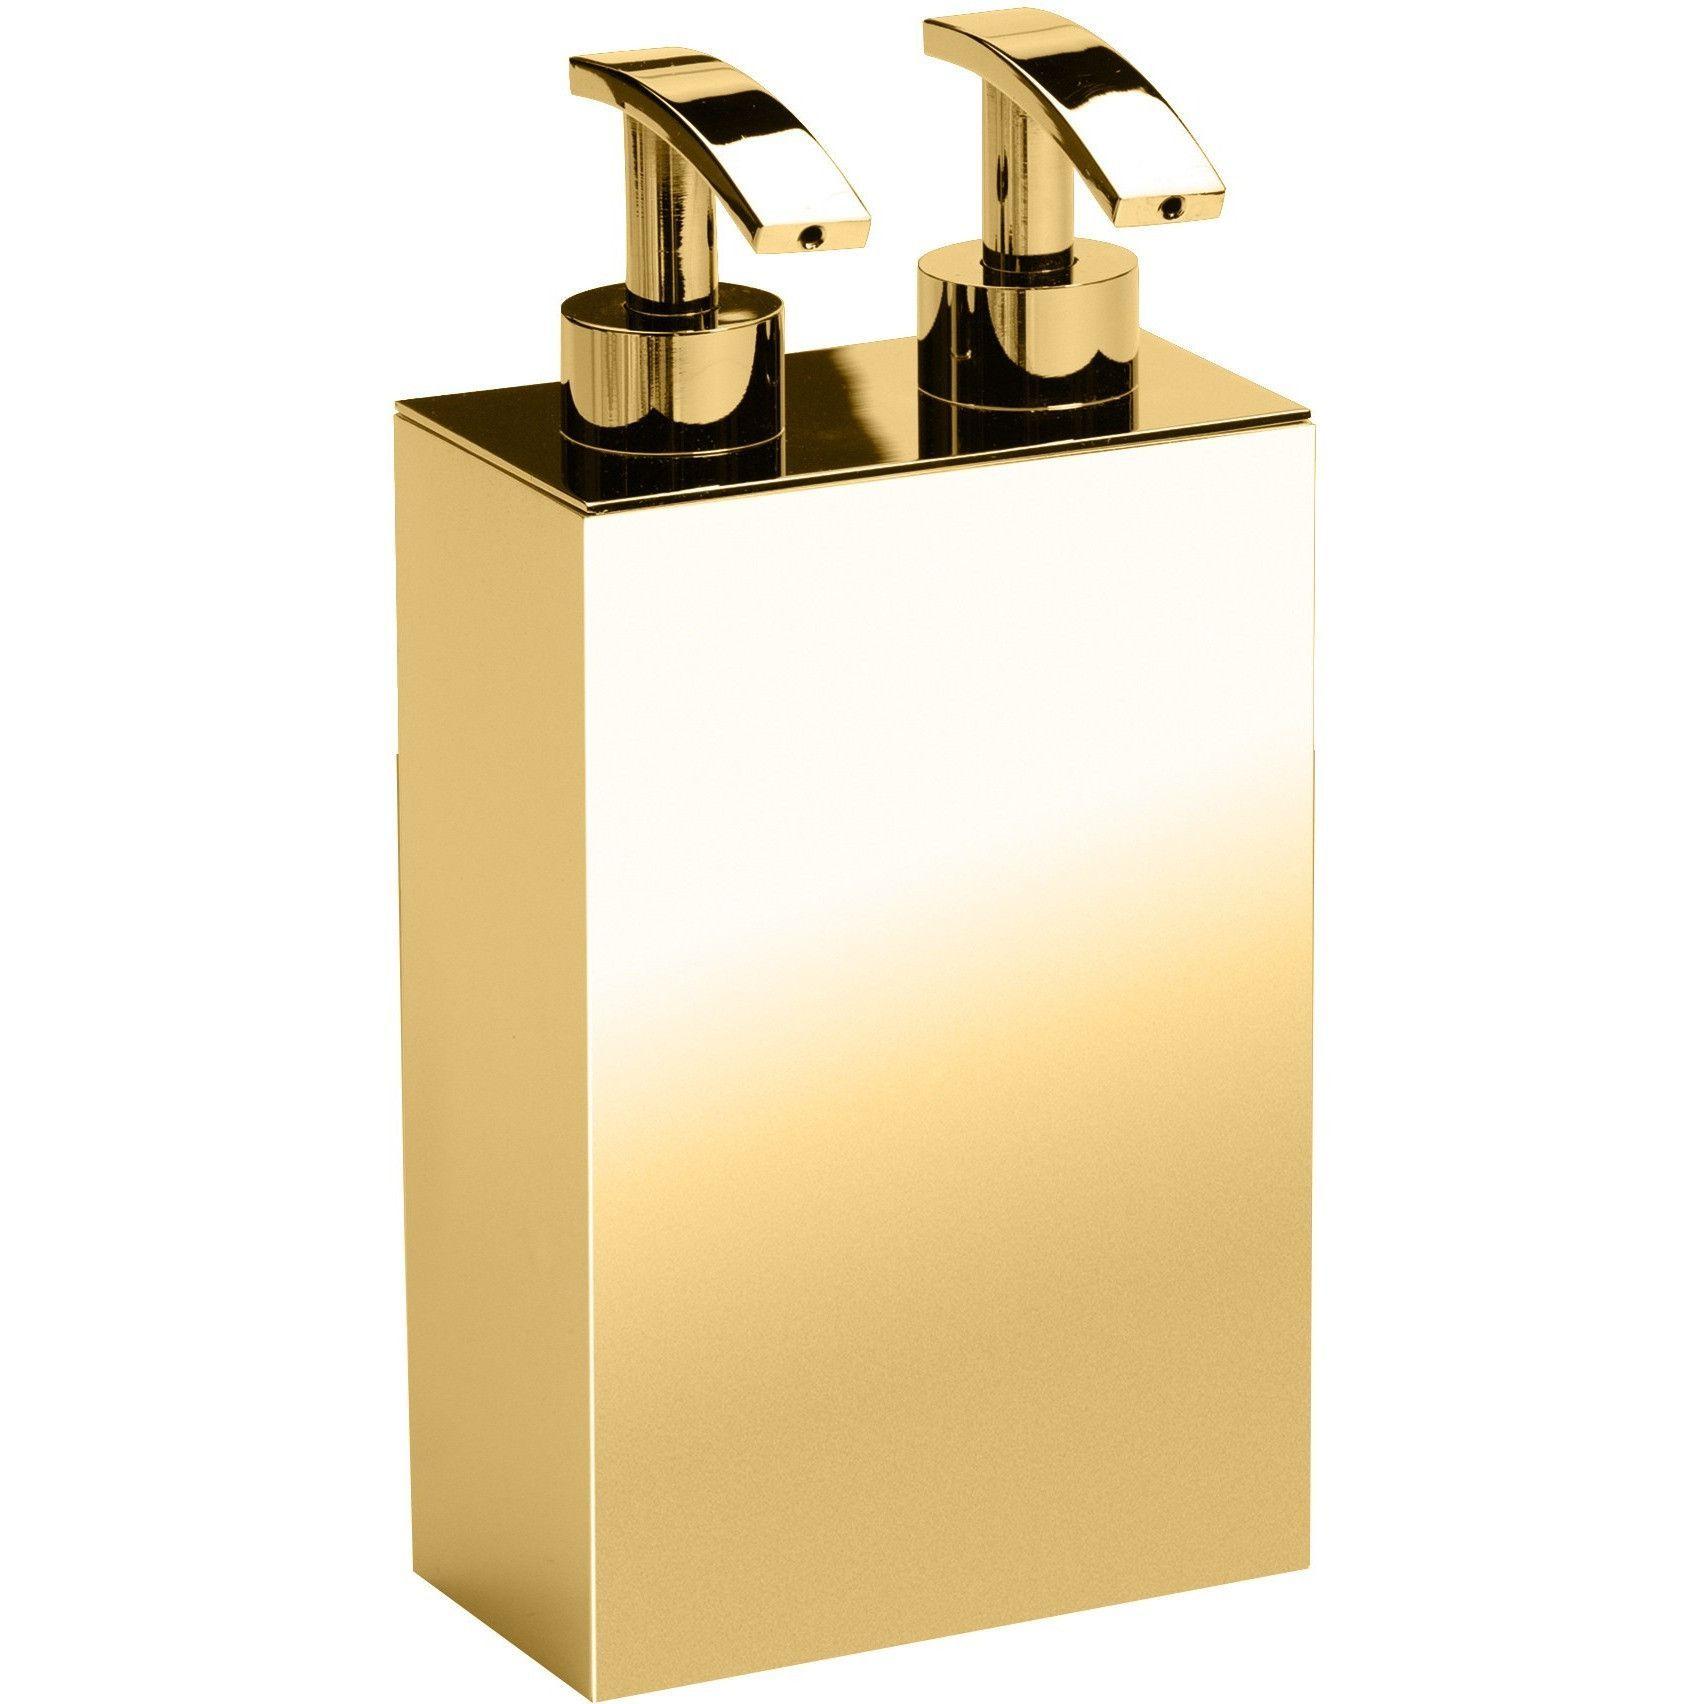 BoxMetal Double Pump Liquid Soap Lotion Dispenser for Bathroom ...